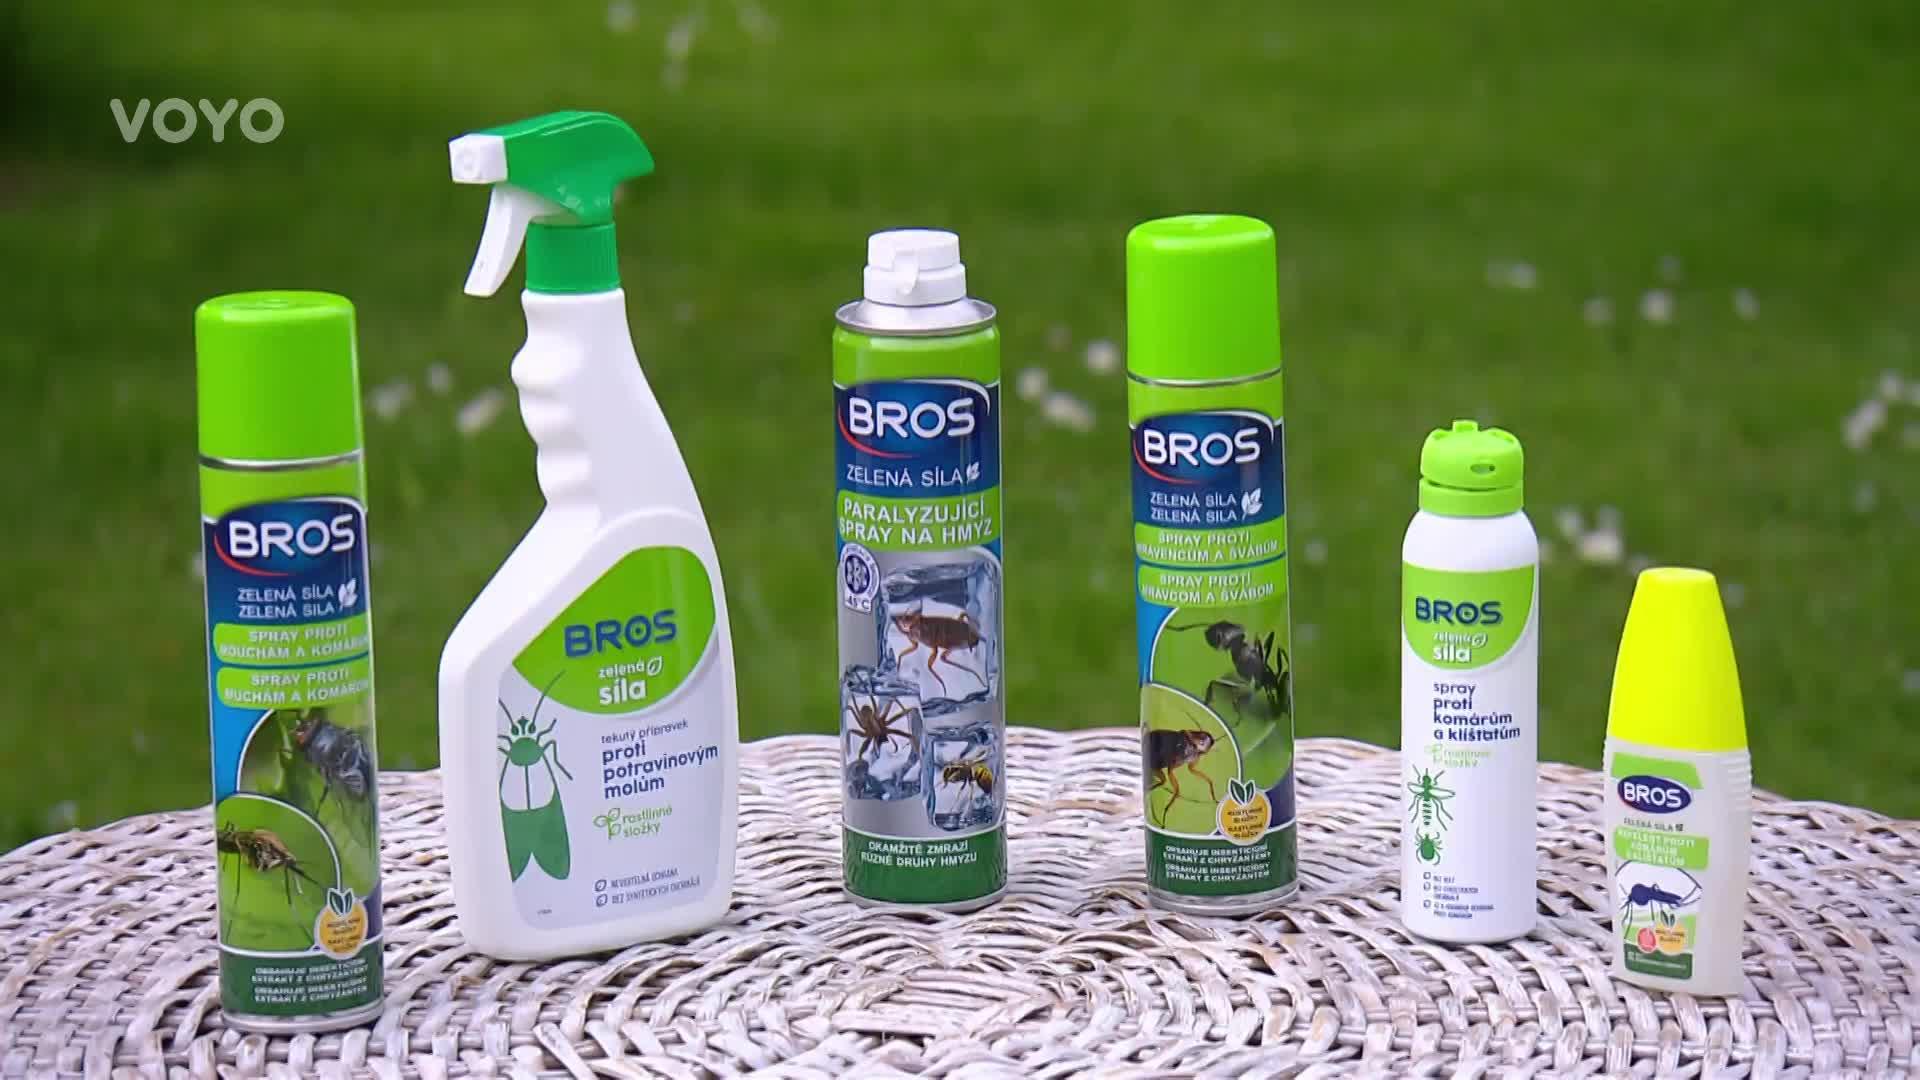 Soutěžte s pořadem Rady ptáka Loskutáka o produkty proti molům, komárům a klíšťatům!